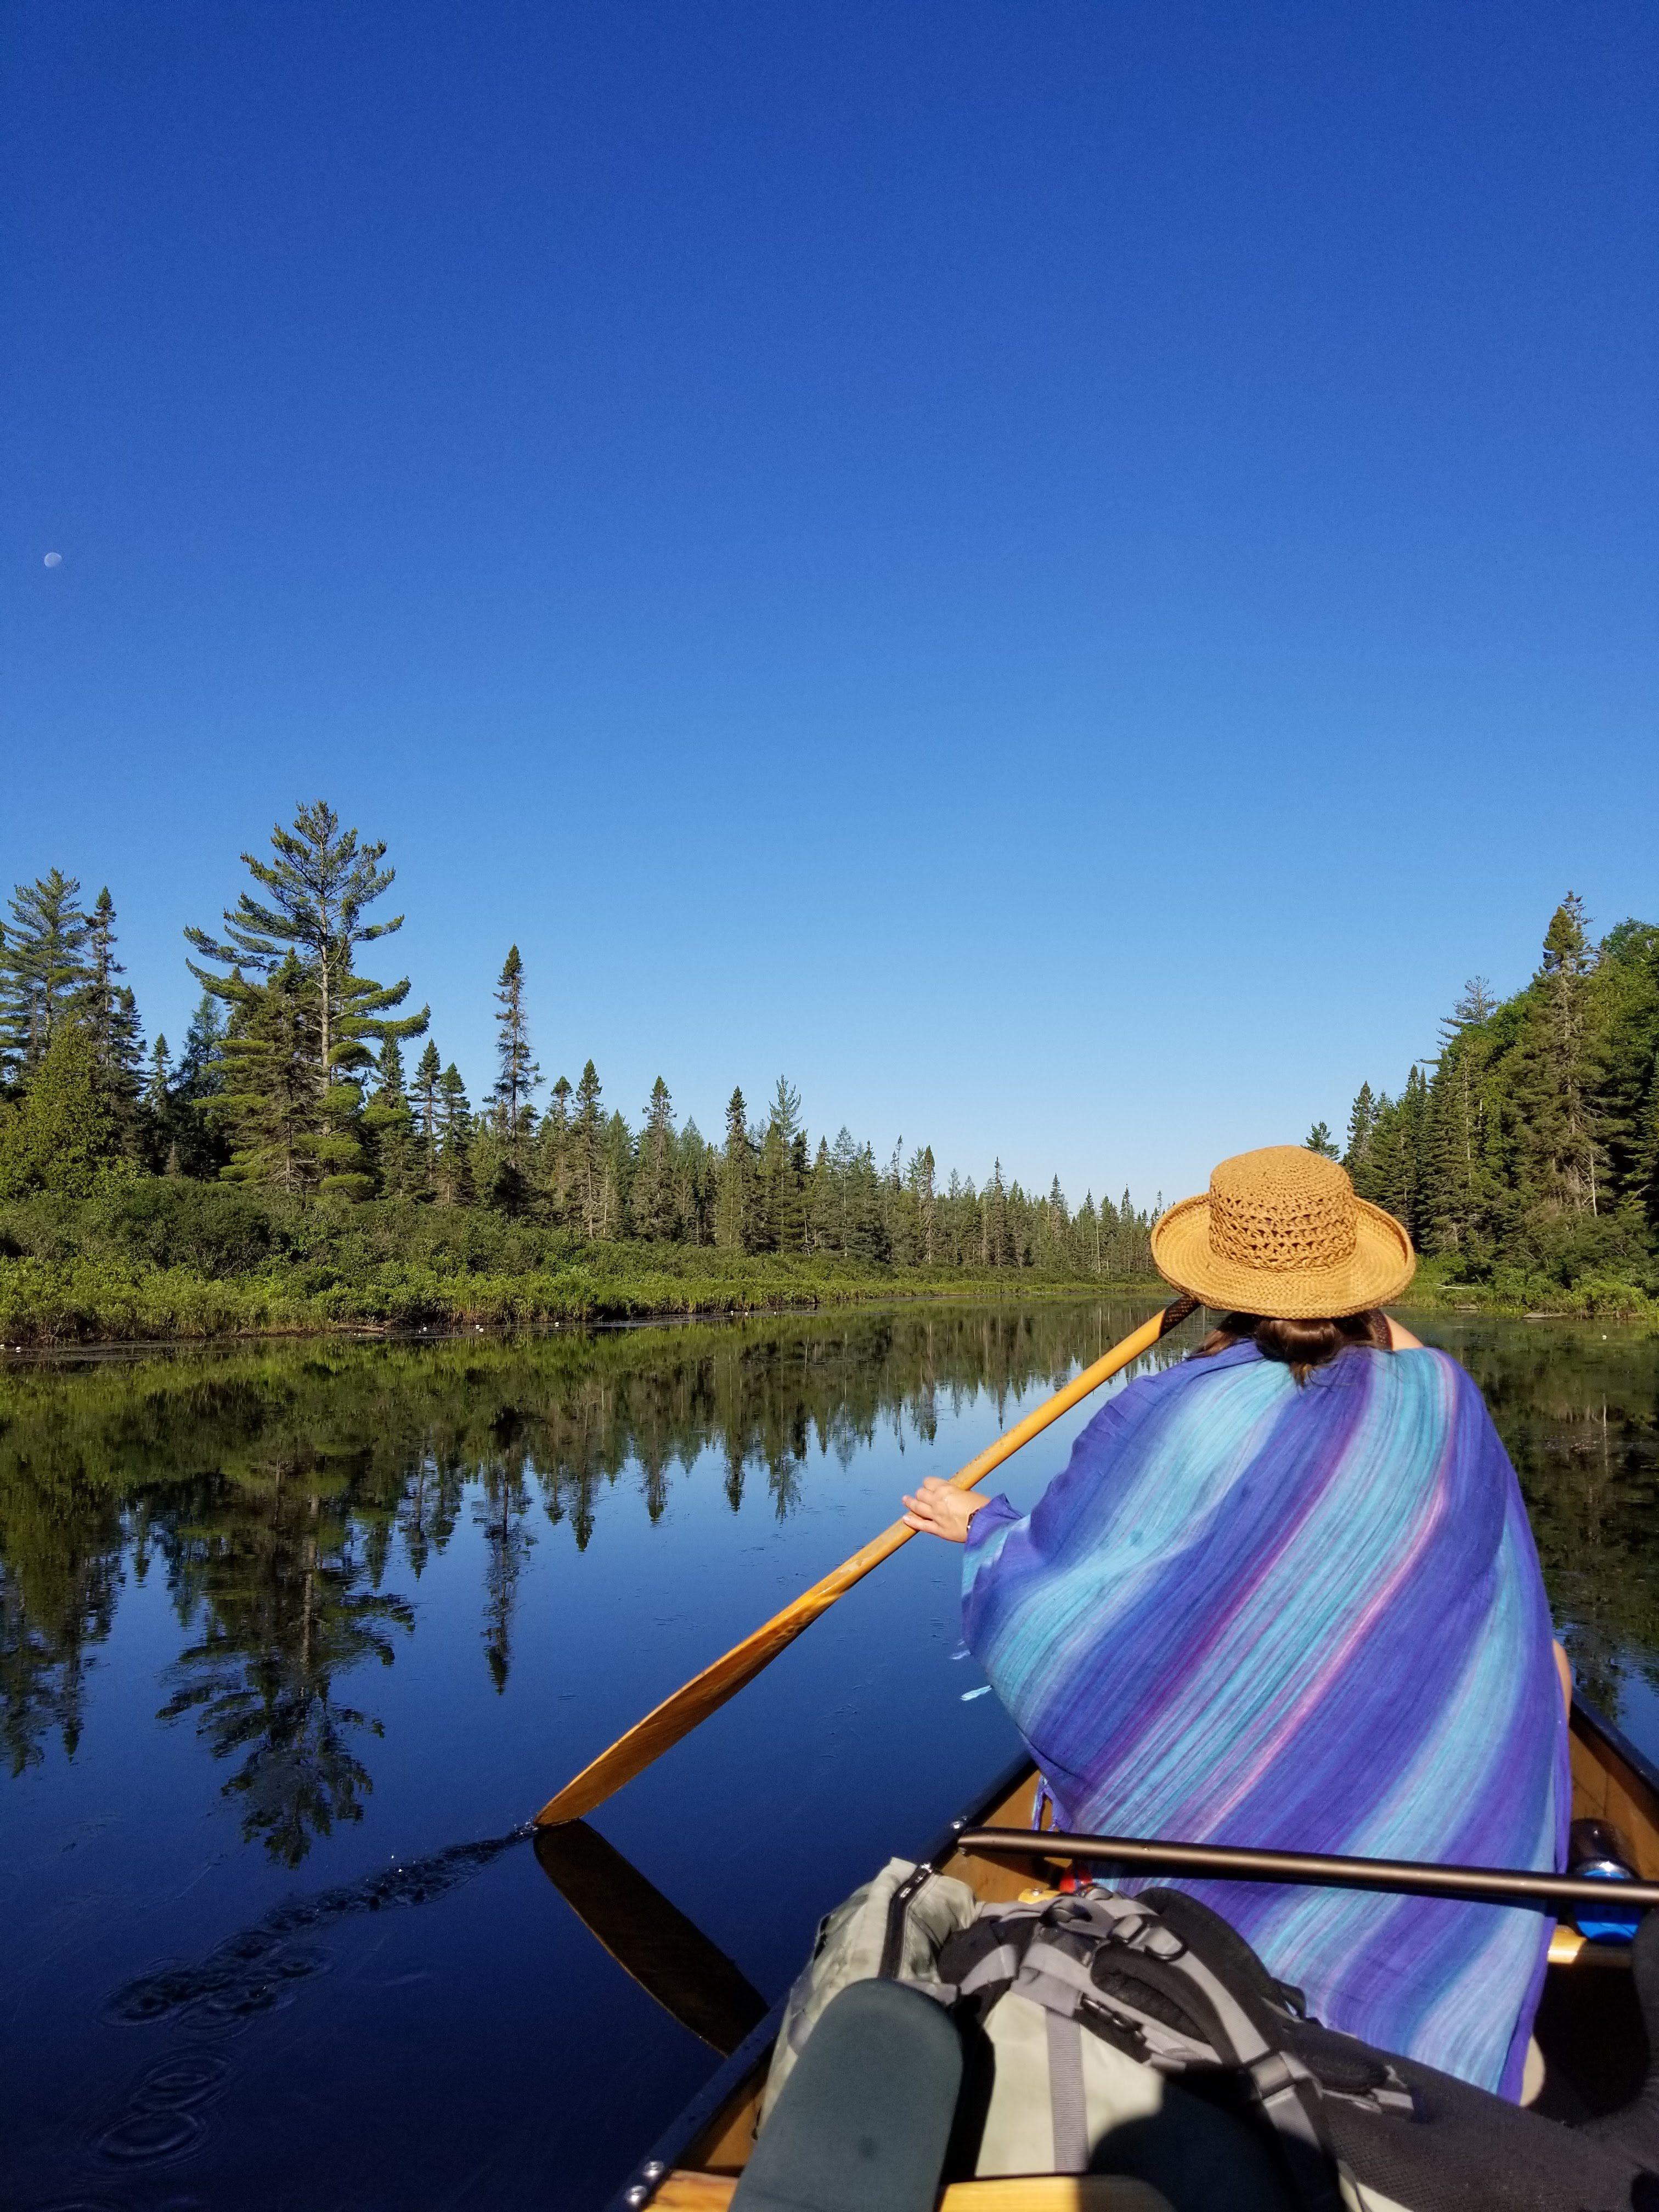 algonquin park, canoeing, canoer, paddling